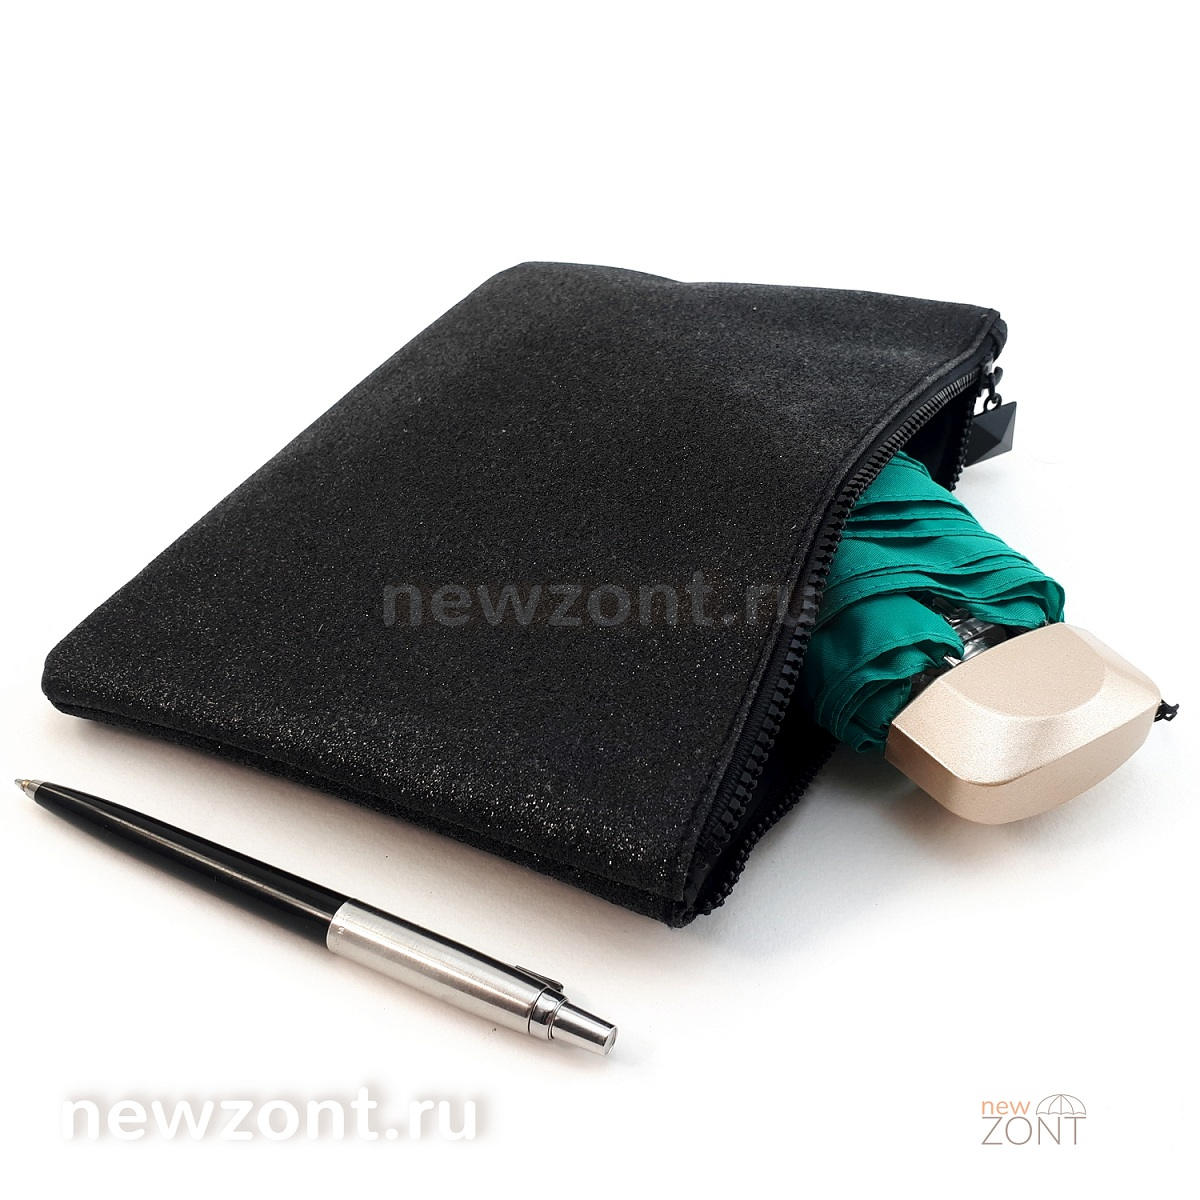 Плоский карманный зонт ArtRain 5311